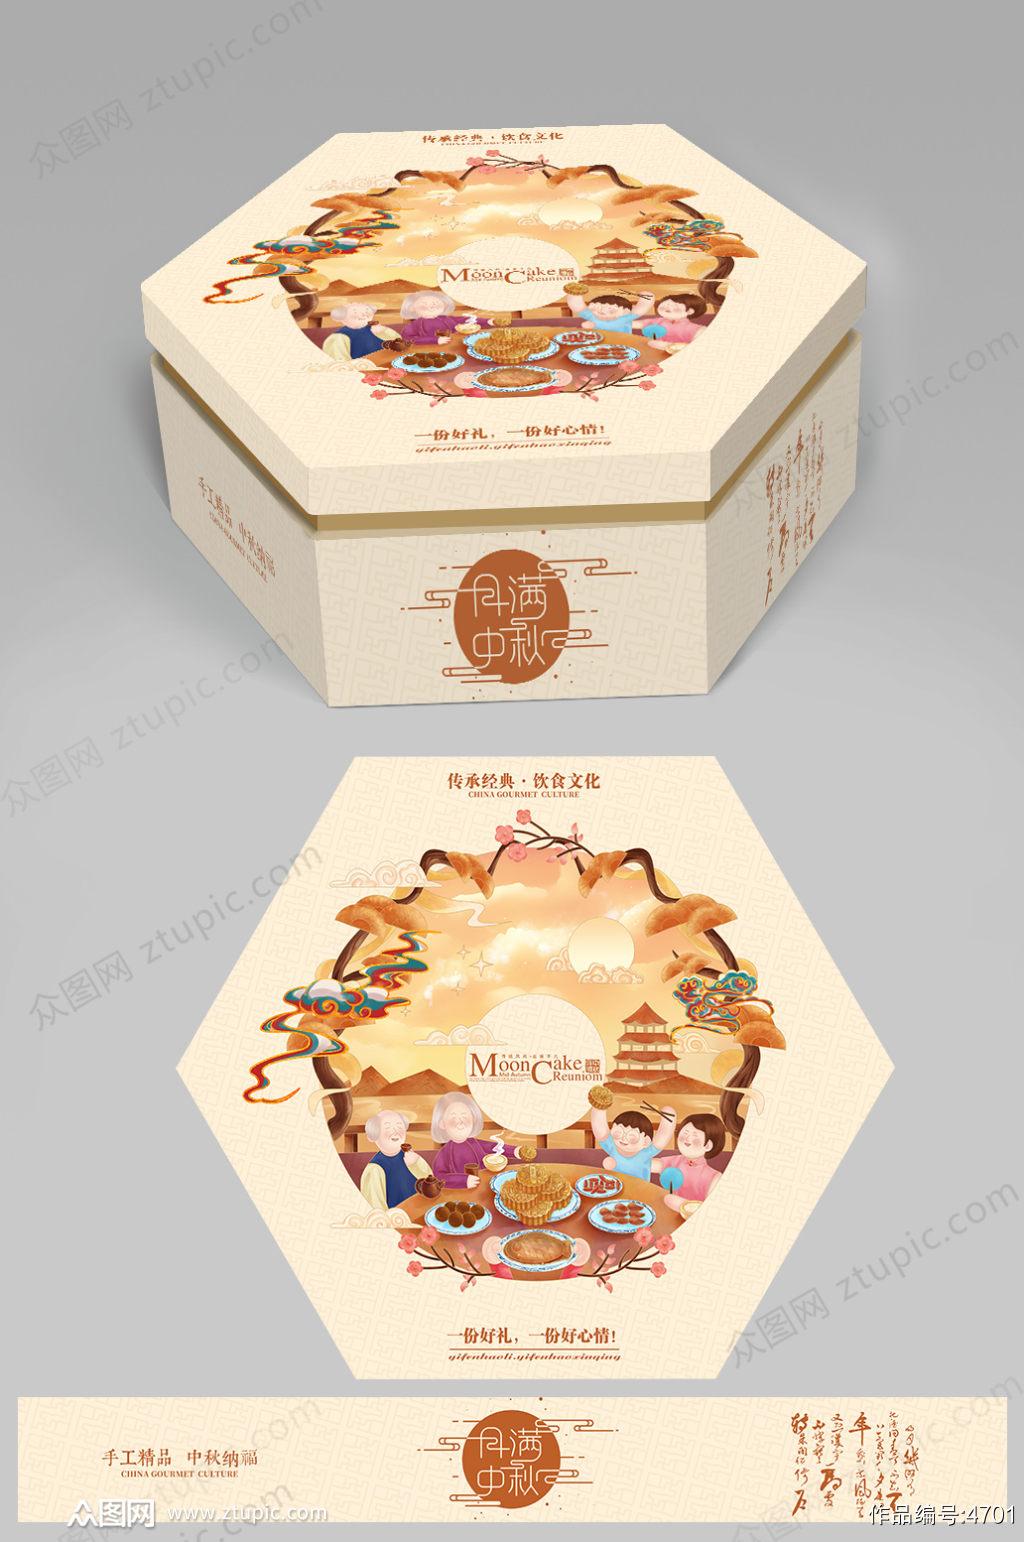 原创手绘中秋月饼盒设计素材